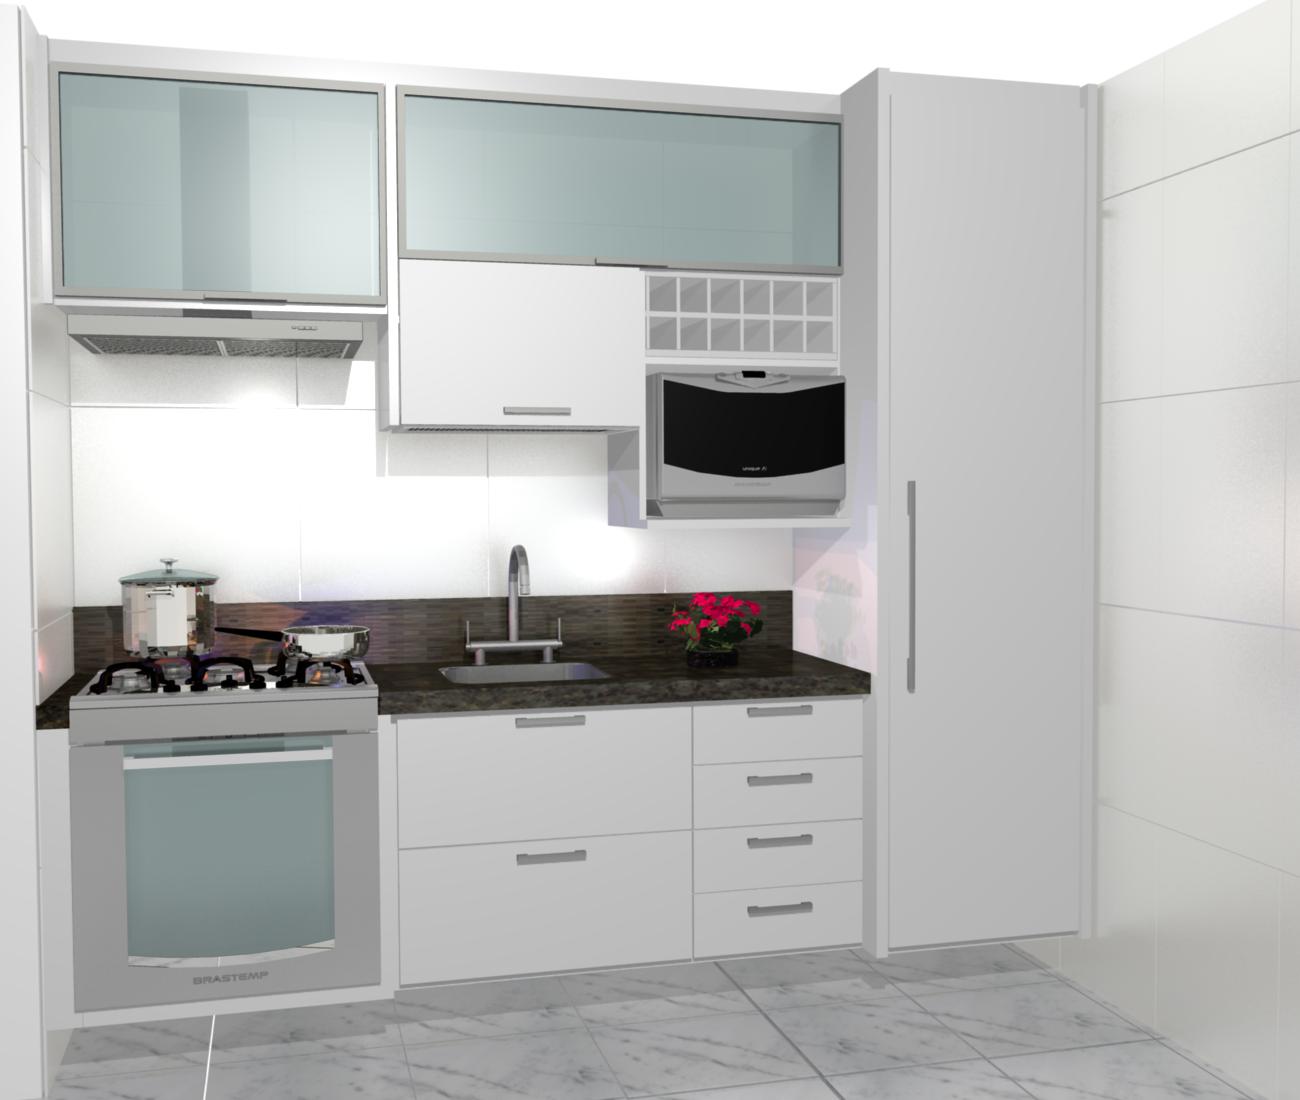 #644042  cozinha planejadas pequenas decorada americana modulada luxo moderna 1300x1100 px Balcoes De Vidro Para Cozinha Americana_2235 Imagens